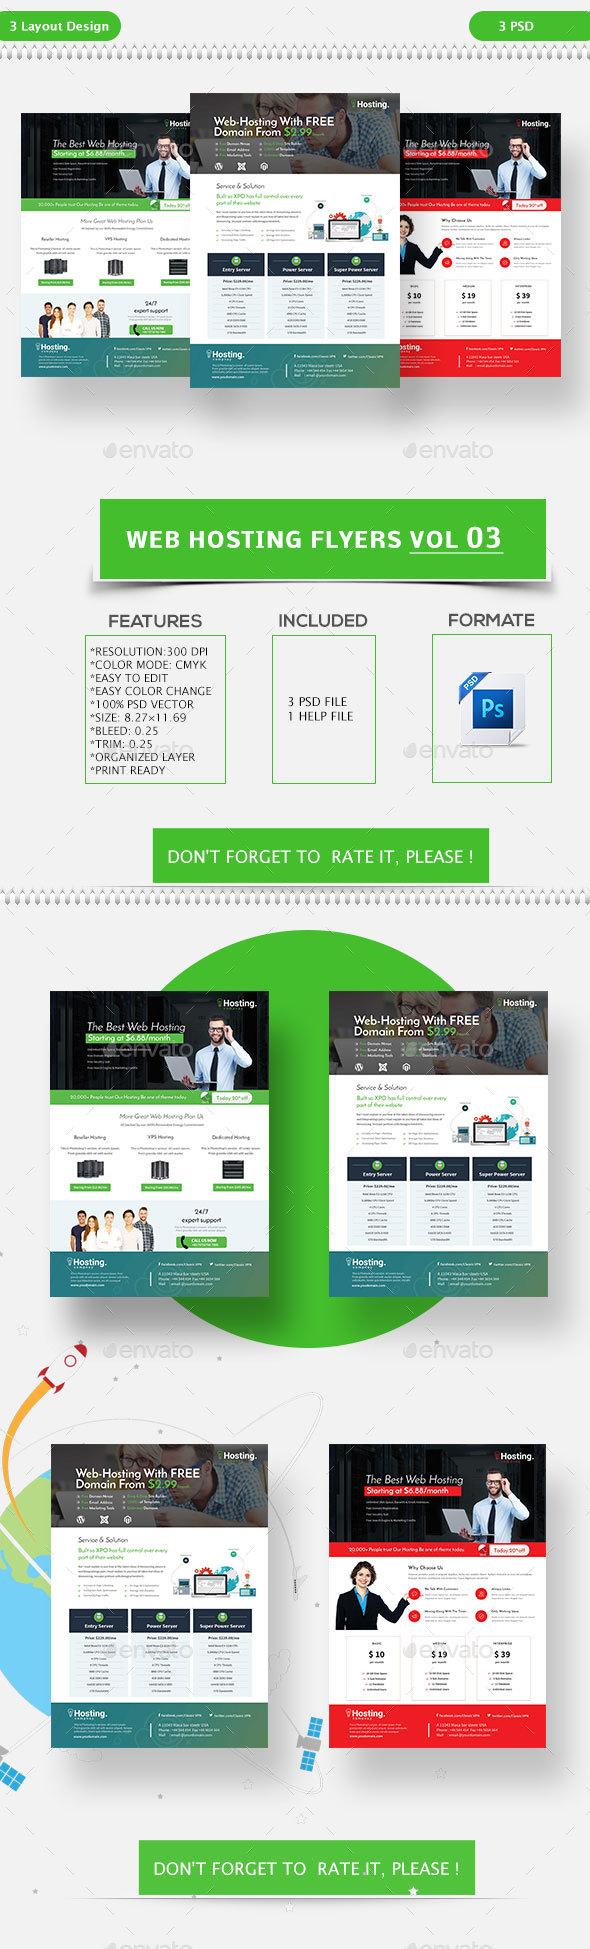 Web Hosting Flyers Vol-03 - Flyers Print Templates